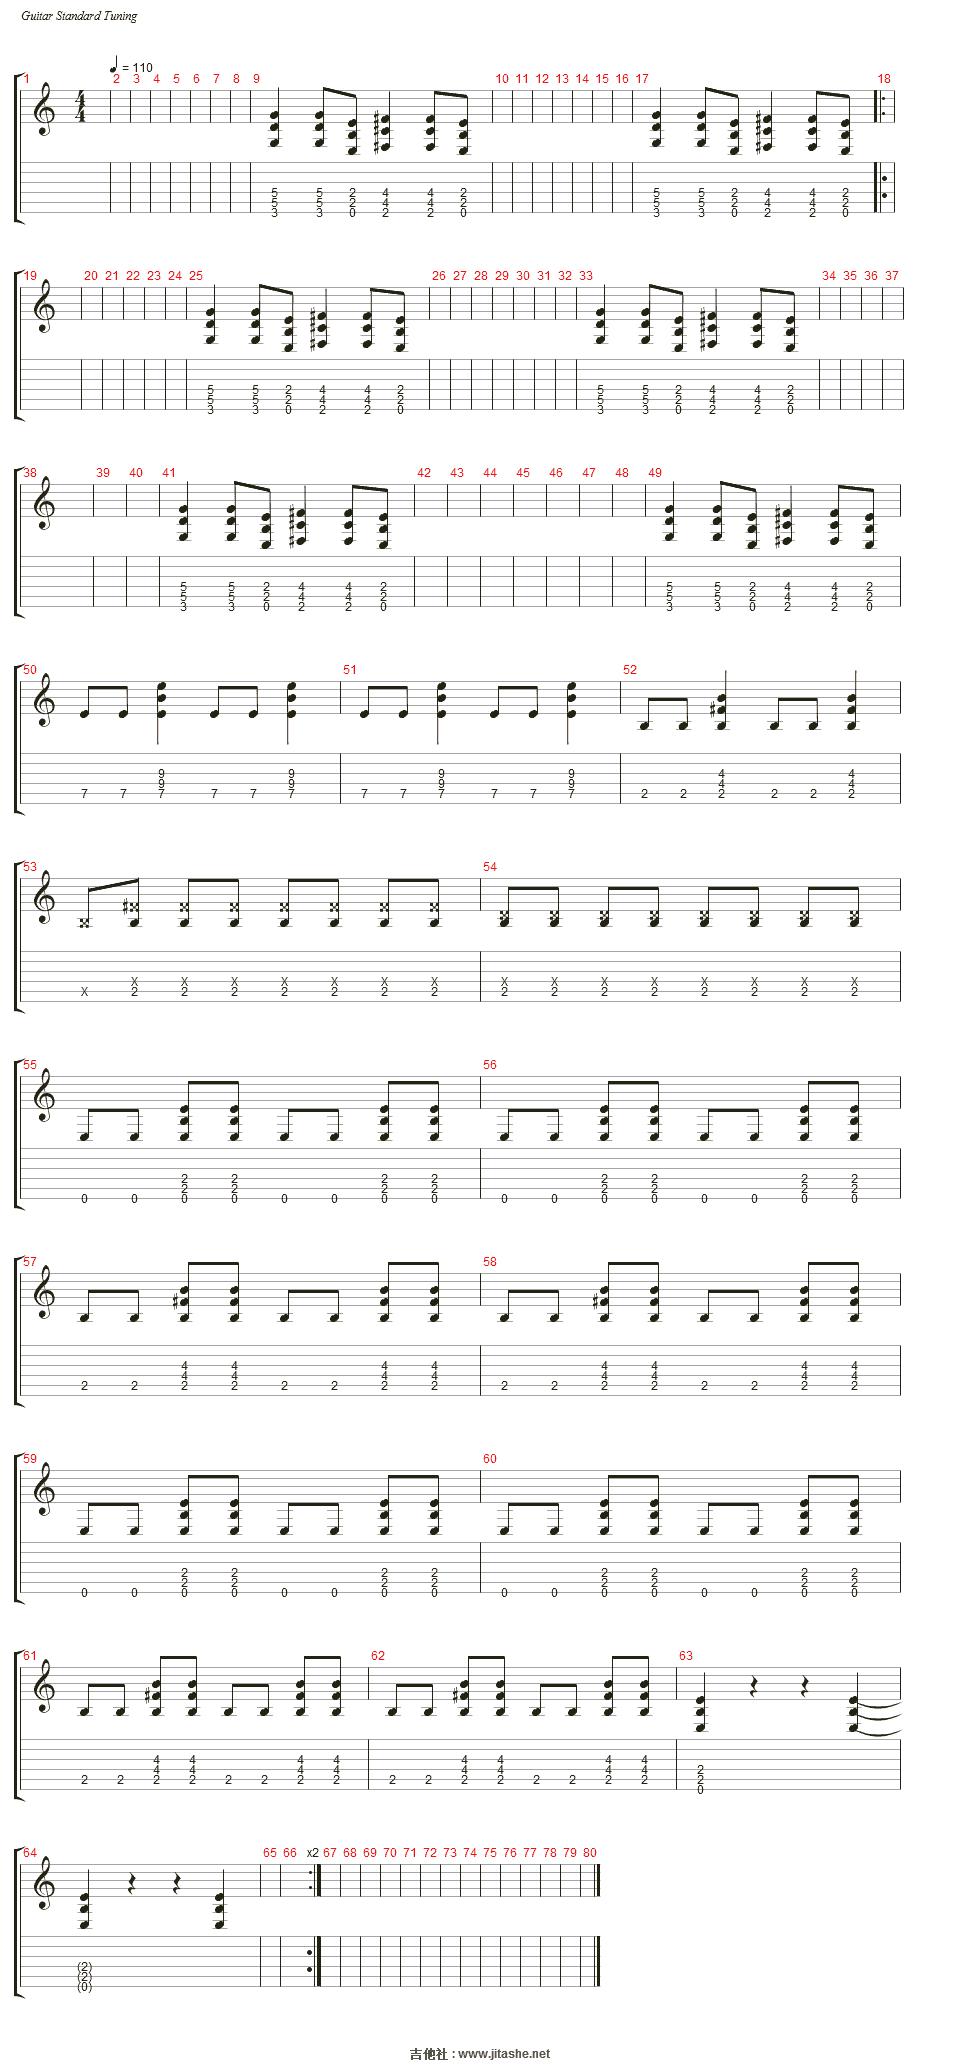 冷血动物吉他谱(吉他2)_谢天笑